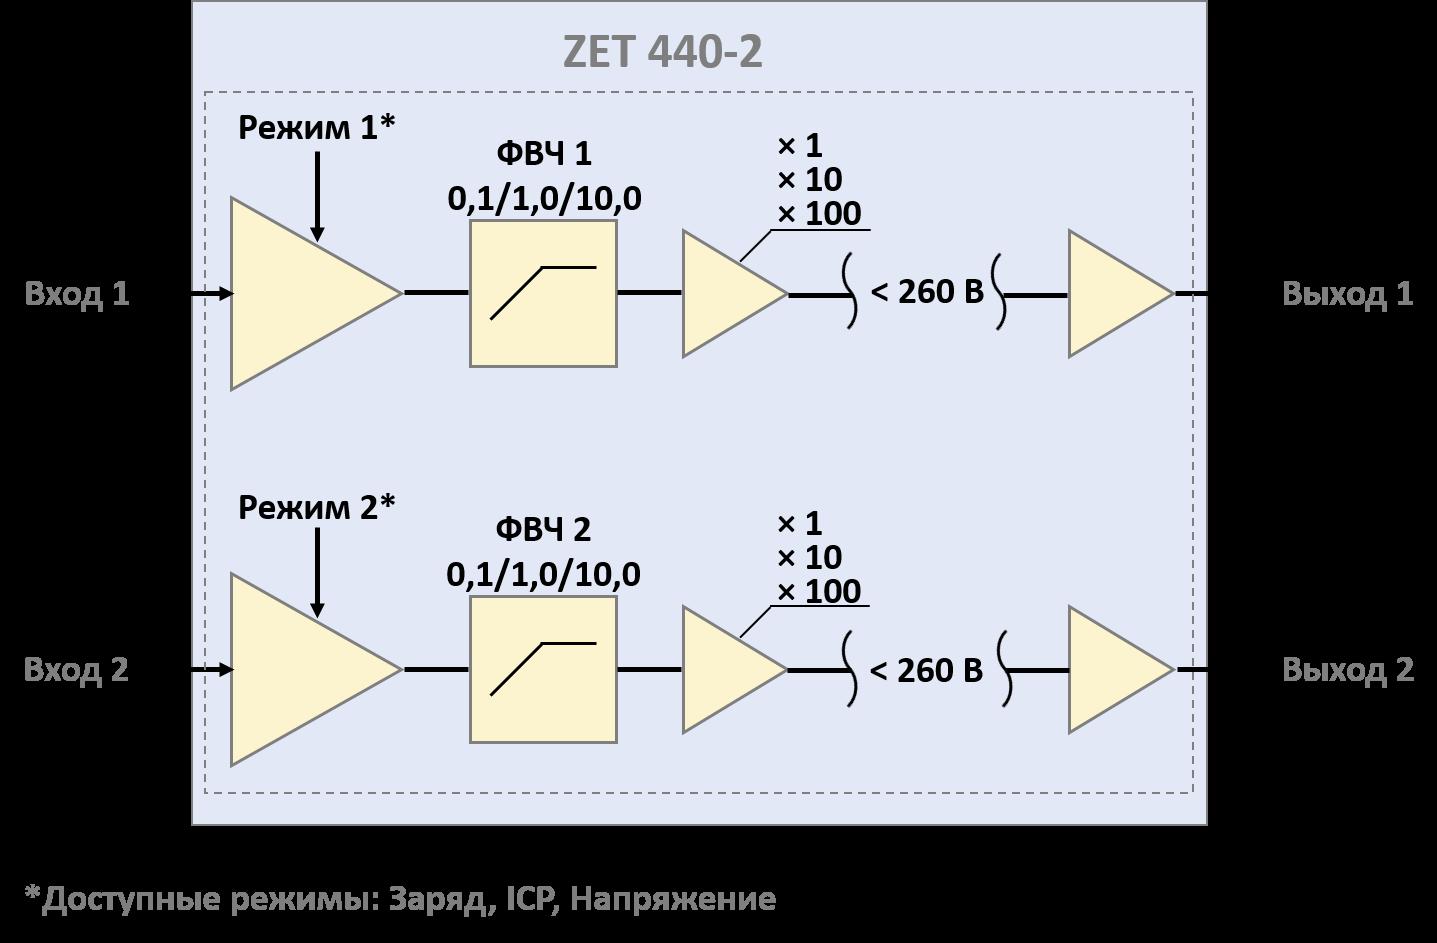 Strukturnaya-shema-dvuhkanalnogo-usilitelya-ZET-440